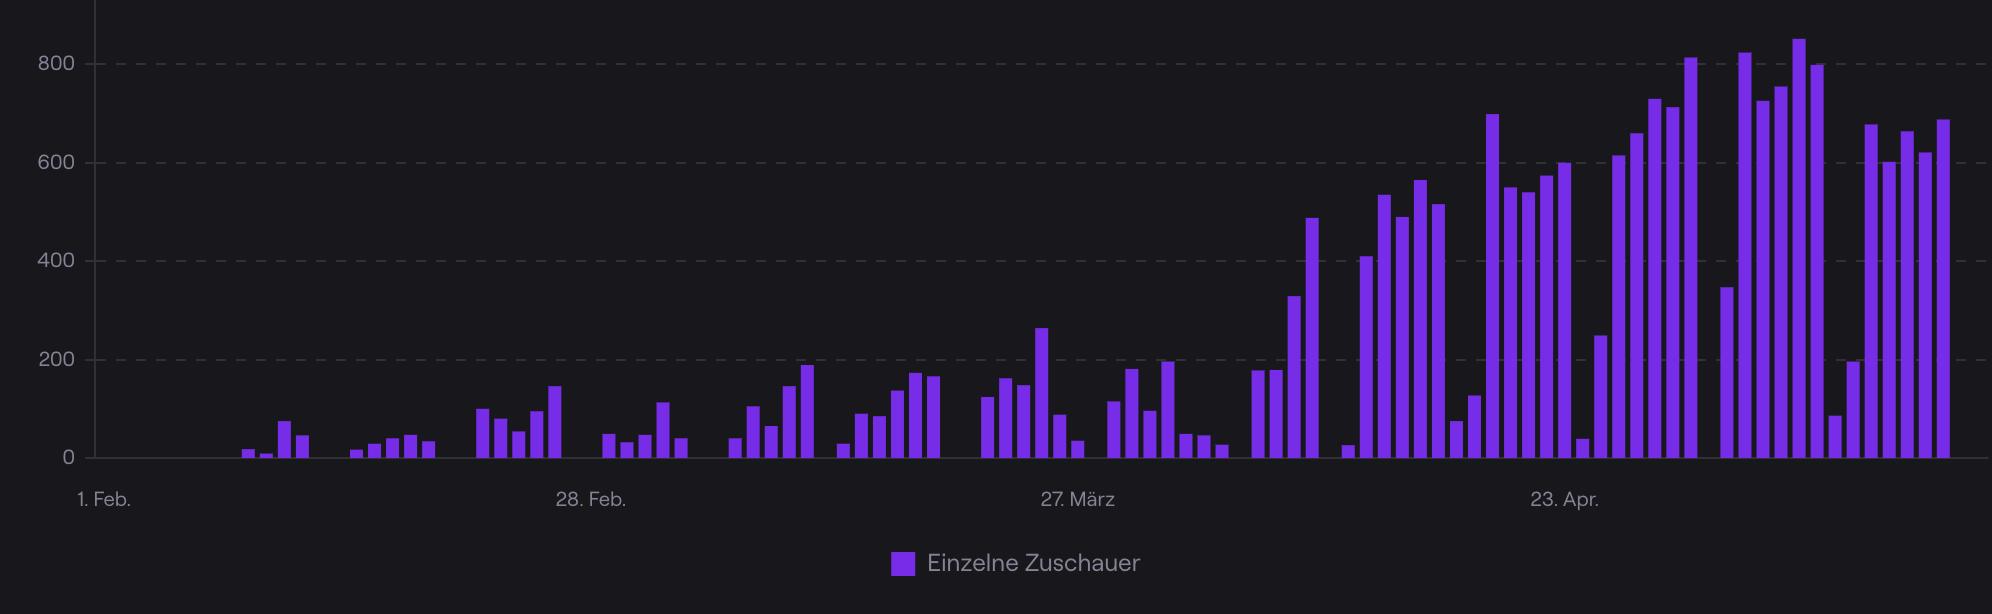 Zuschauer bei Twitch FIT4FINANZEN